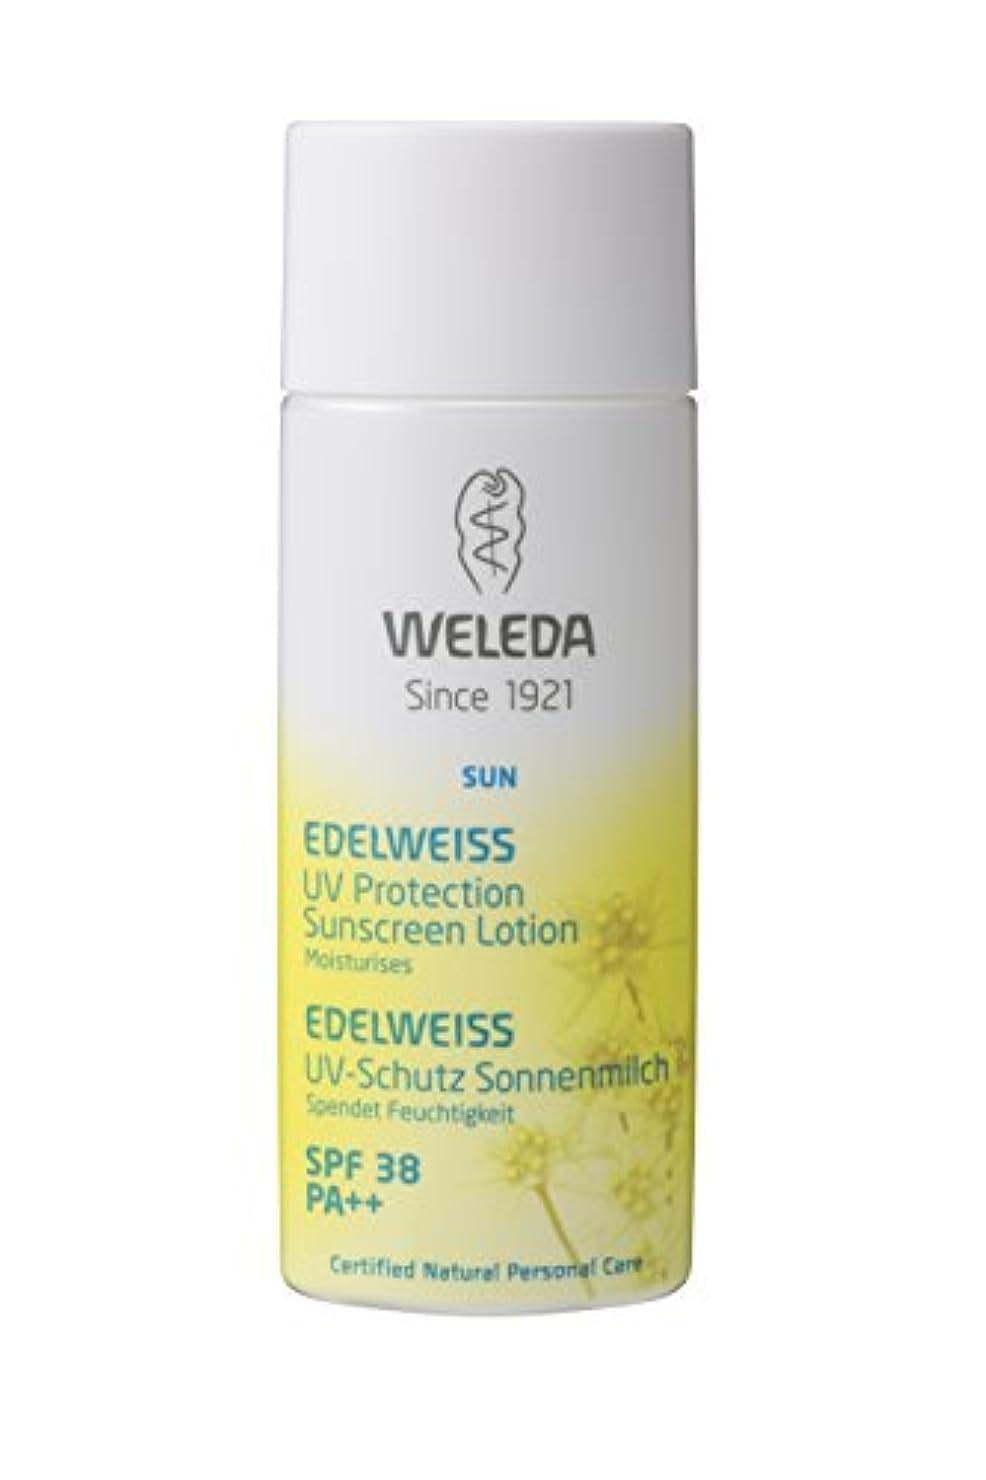 シェル肉木製WELEDA(ヴェレダ) エーデルワイスUVプロテクト SPF38 PA++ 90ml